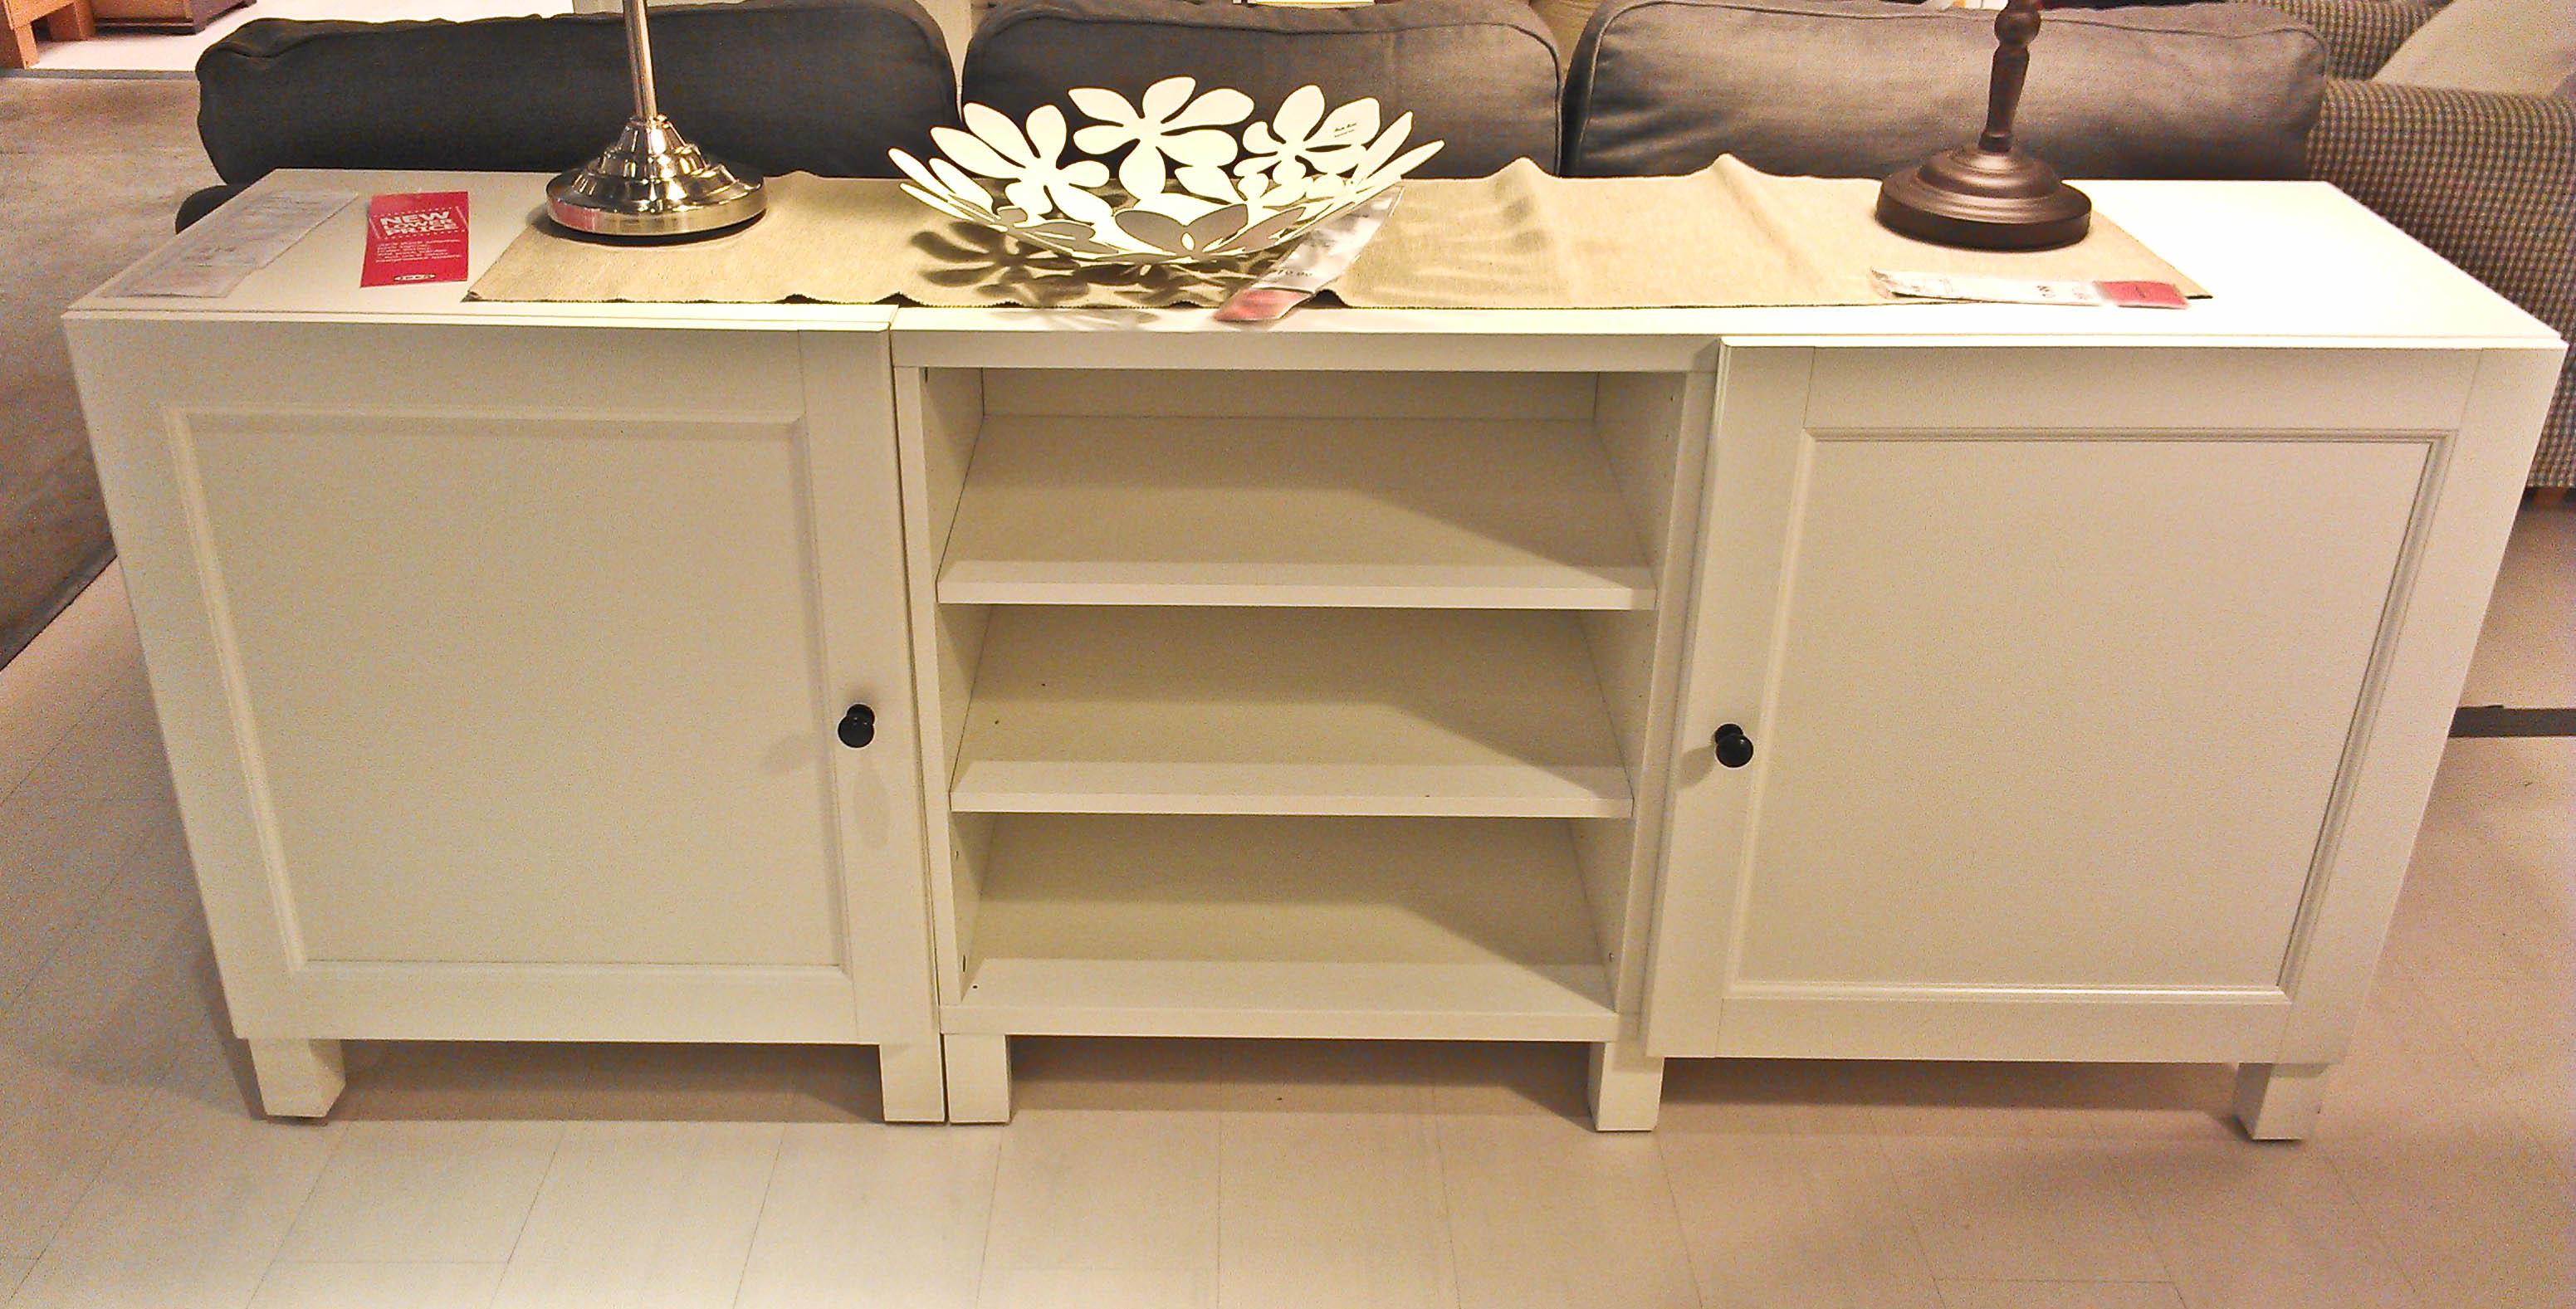 hvid-træ-konsol-borde-ikea-med-hylder-til-hjem-møbler-ideer-smal-indgangen-table-ikea-sko-bænk-gangen-konsol-table-ikea-buffet-tynd-sofa-tabel- indgangsparti-bænk-ikea-coat-rack-med-bænk